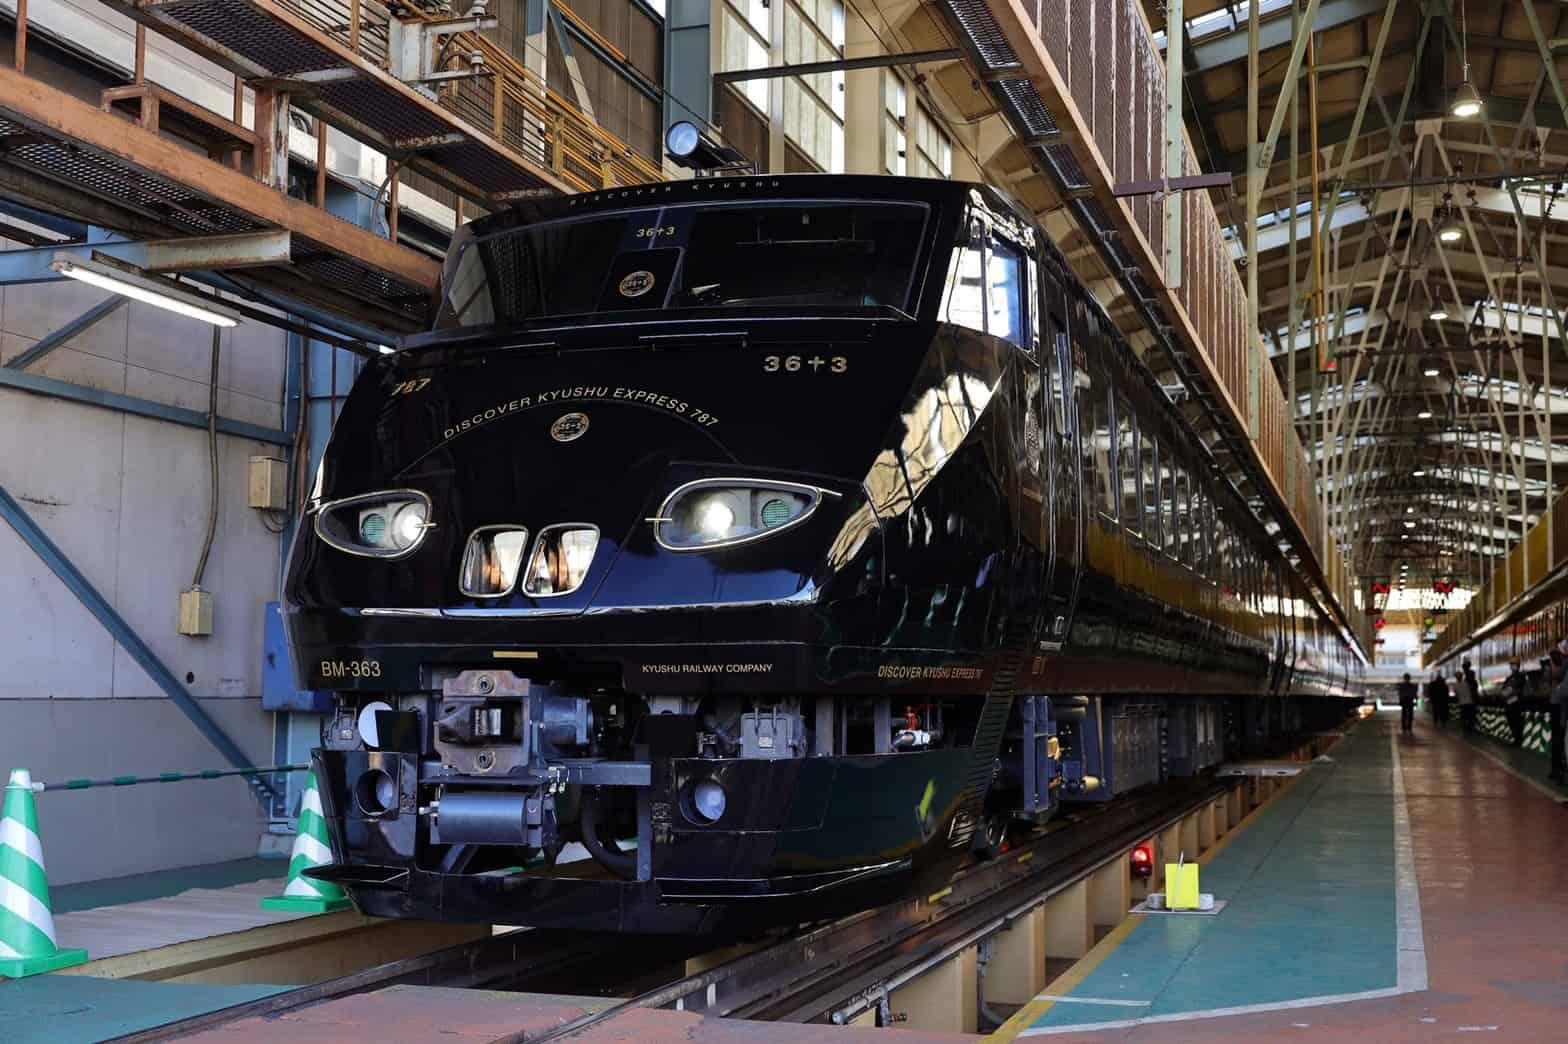 Este tren de lujo lleva a turistas a recorrer una de las islas más grandes de Japón